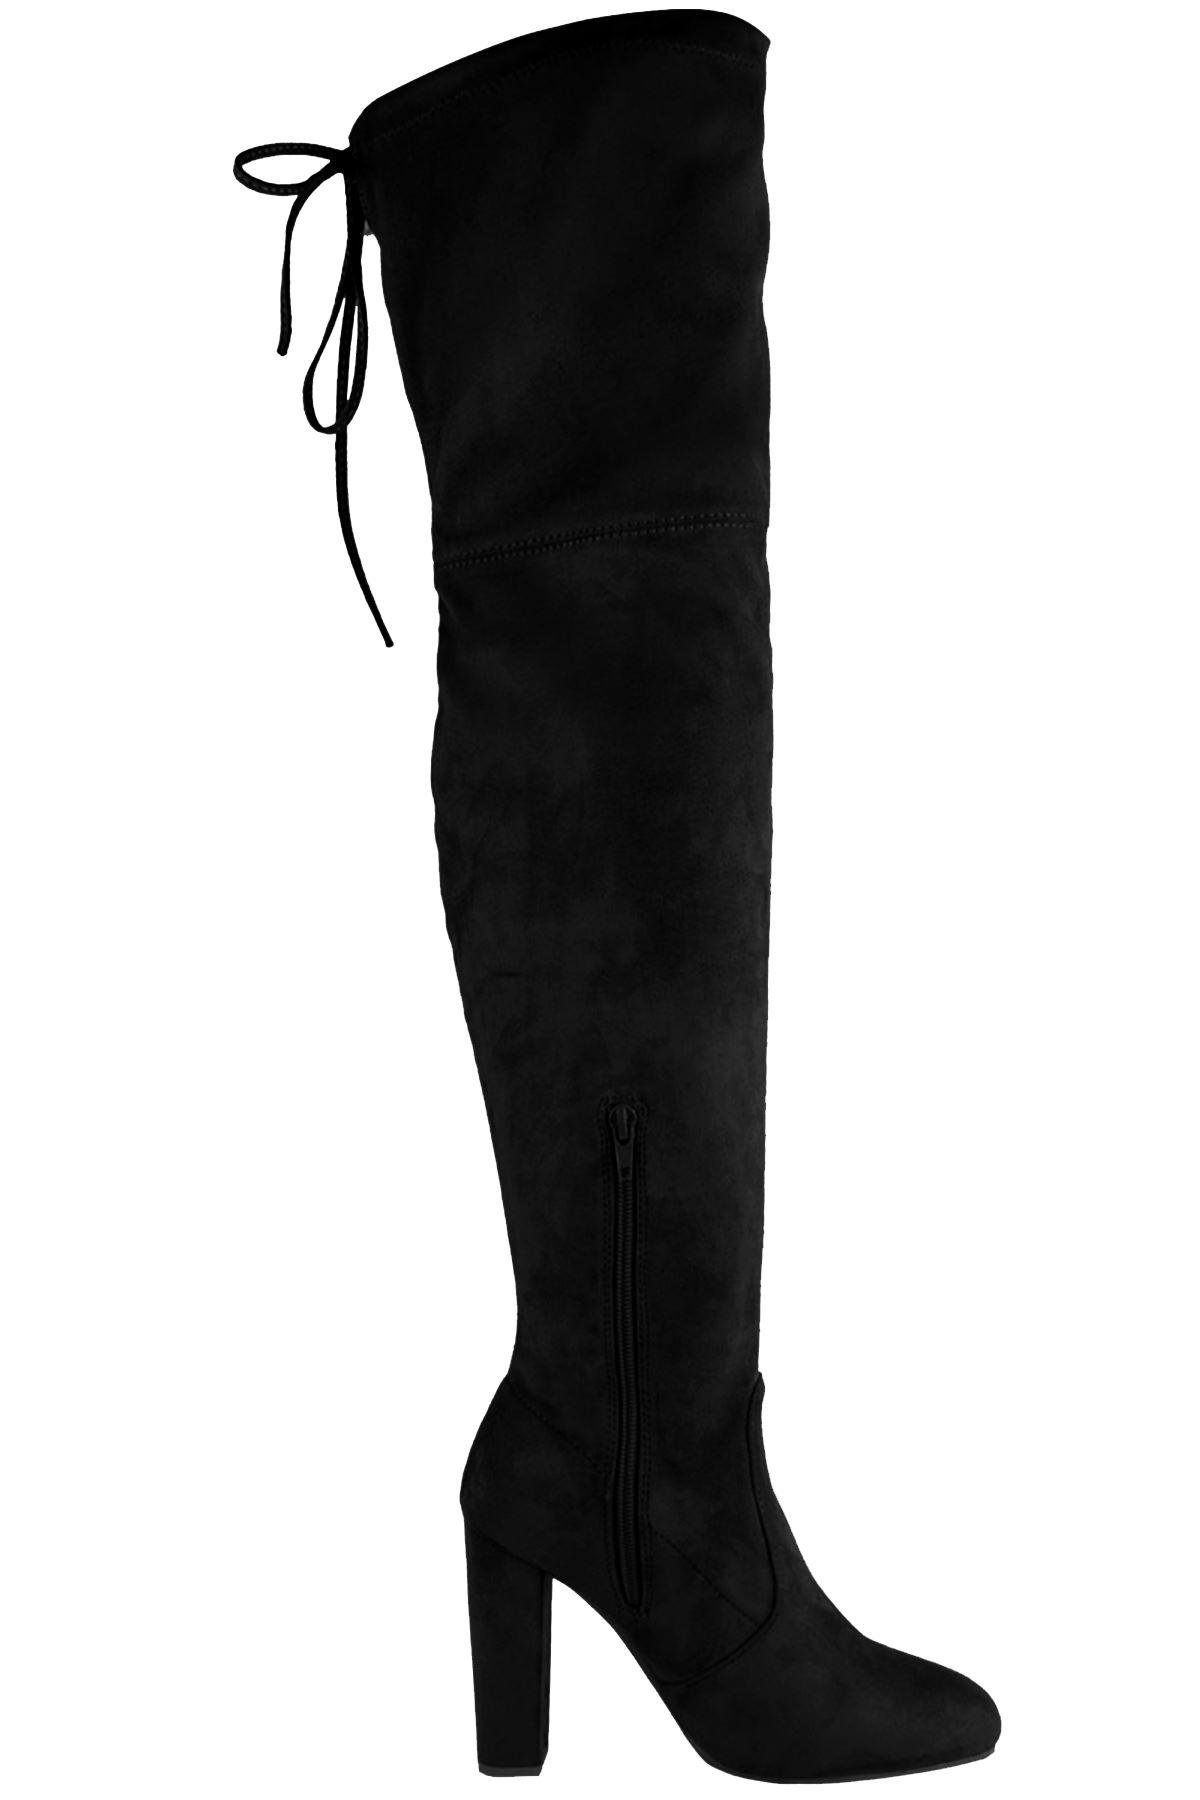 femmes au dessus du Genou Bas laçage cuir suédé chaussure talon bloc bottes